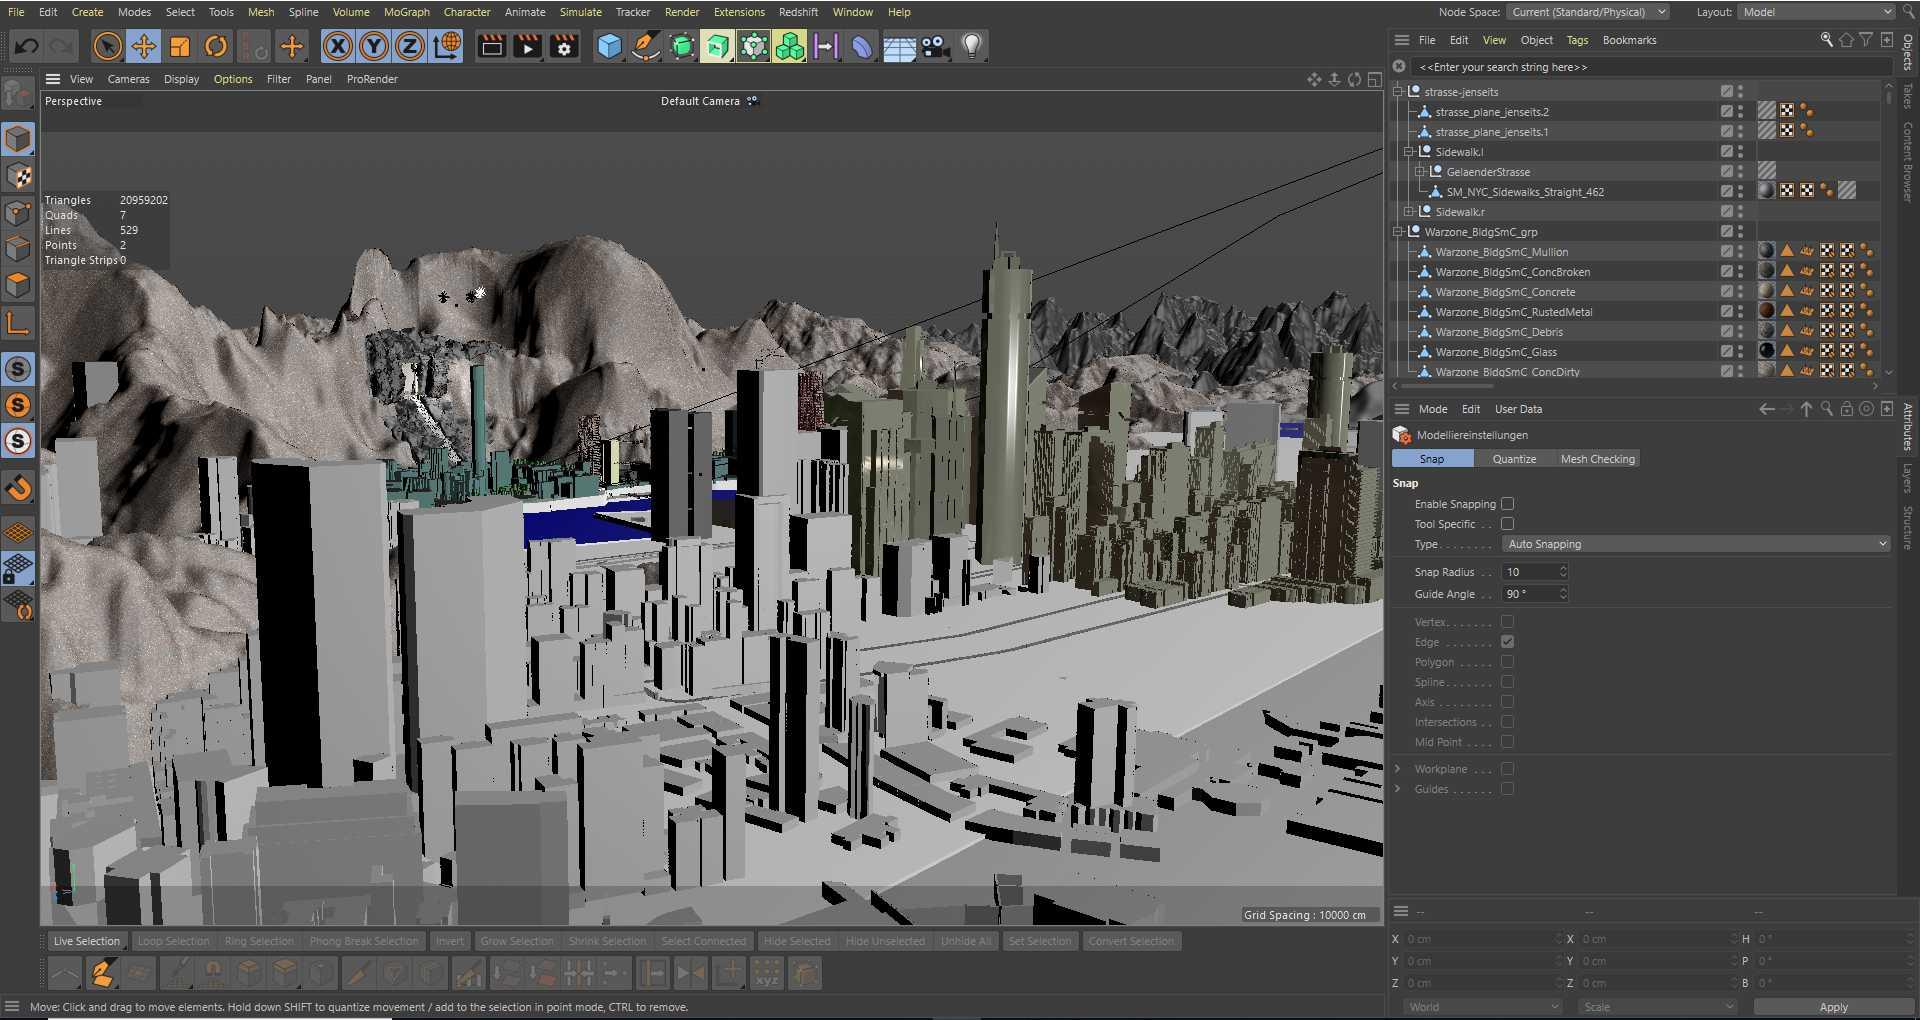 Entstehung der VR-Szenerie von Orfeo ed Euridice